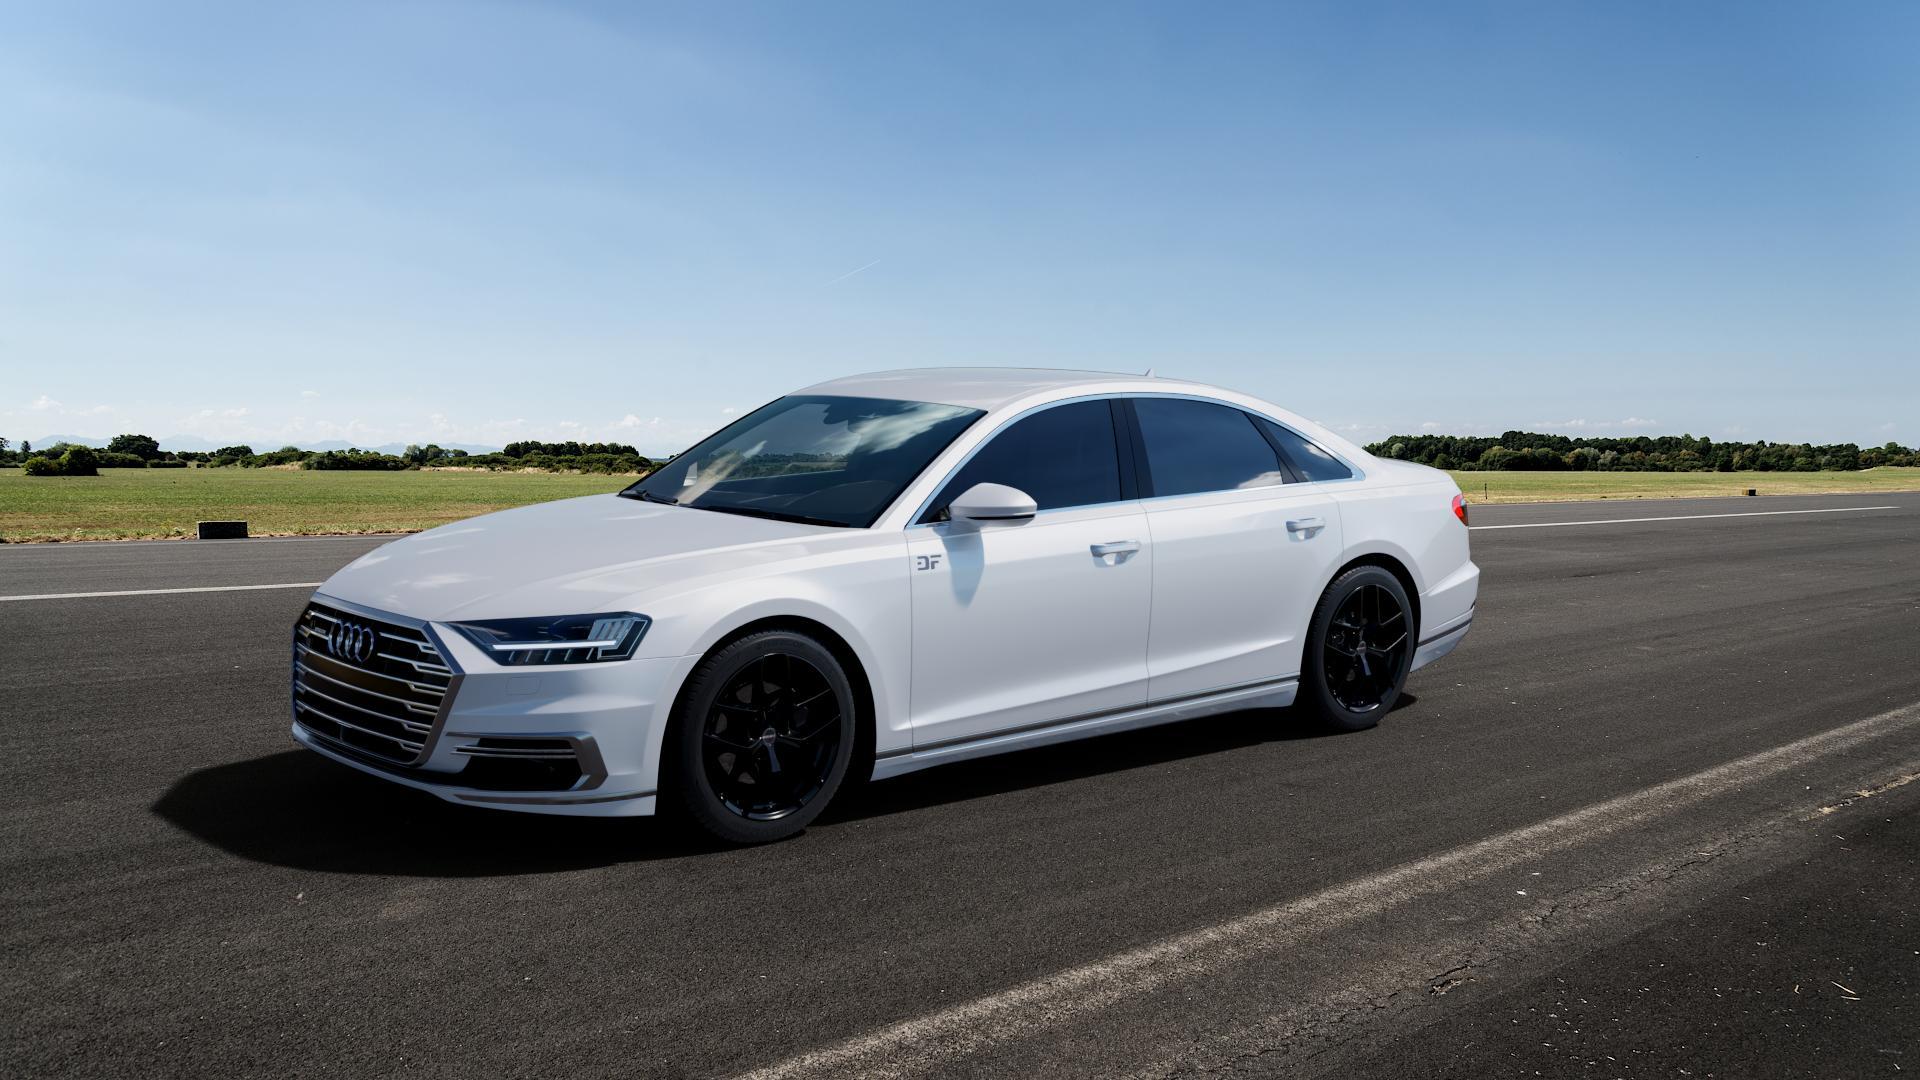 Borbet Y black glossy Felge mit Reifen schwarz in 19Zoll Winterfelge Alufelge auf weissem Audi A8 Typ D5/F8 3,0l 60 TFSI e quattro 250kW (340 PS) Hybrid 4,0l 338kW (460 420kW S8 (571 TDI 210kW (286 320kW (435 ⬇️ mit 15mm Tieferlegung ⬇️ Big_Vehicle_Airstrip_1 Frontansicht_1